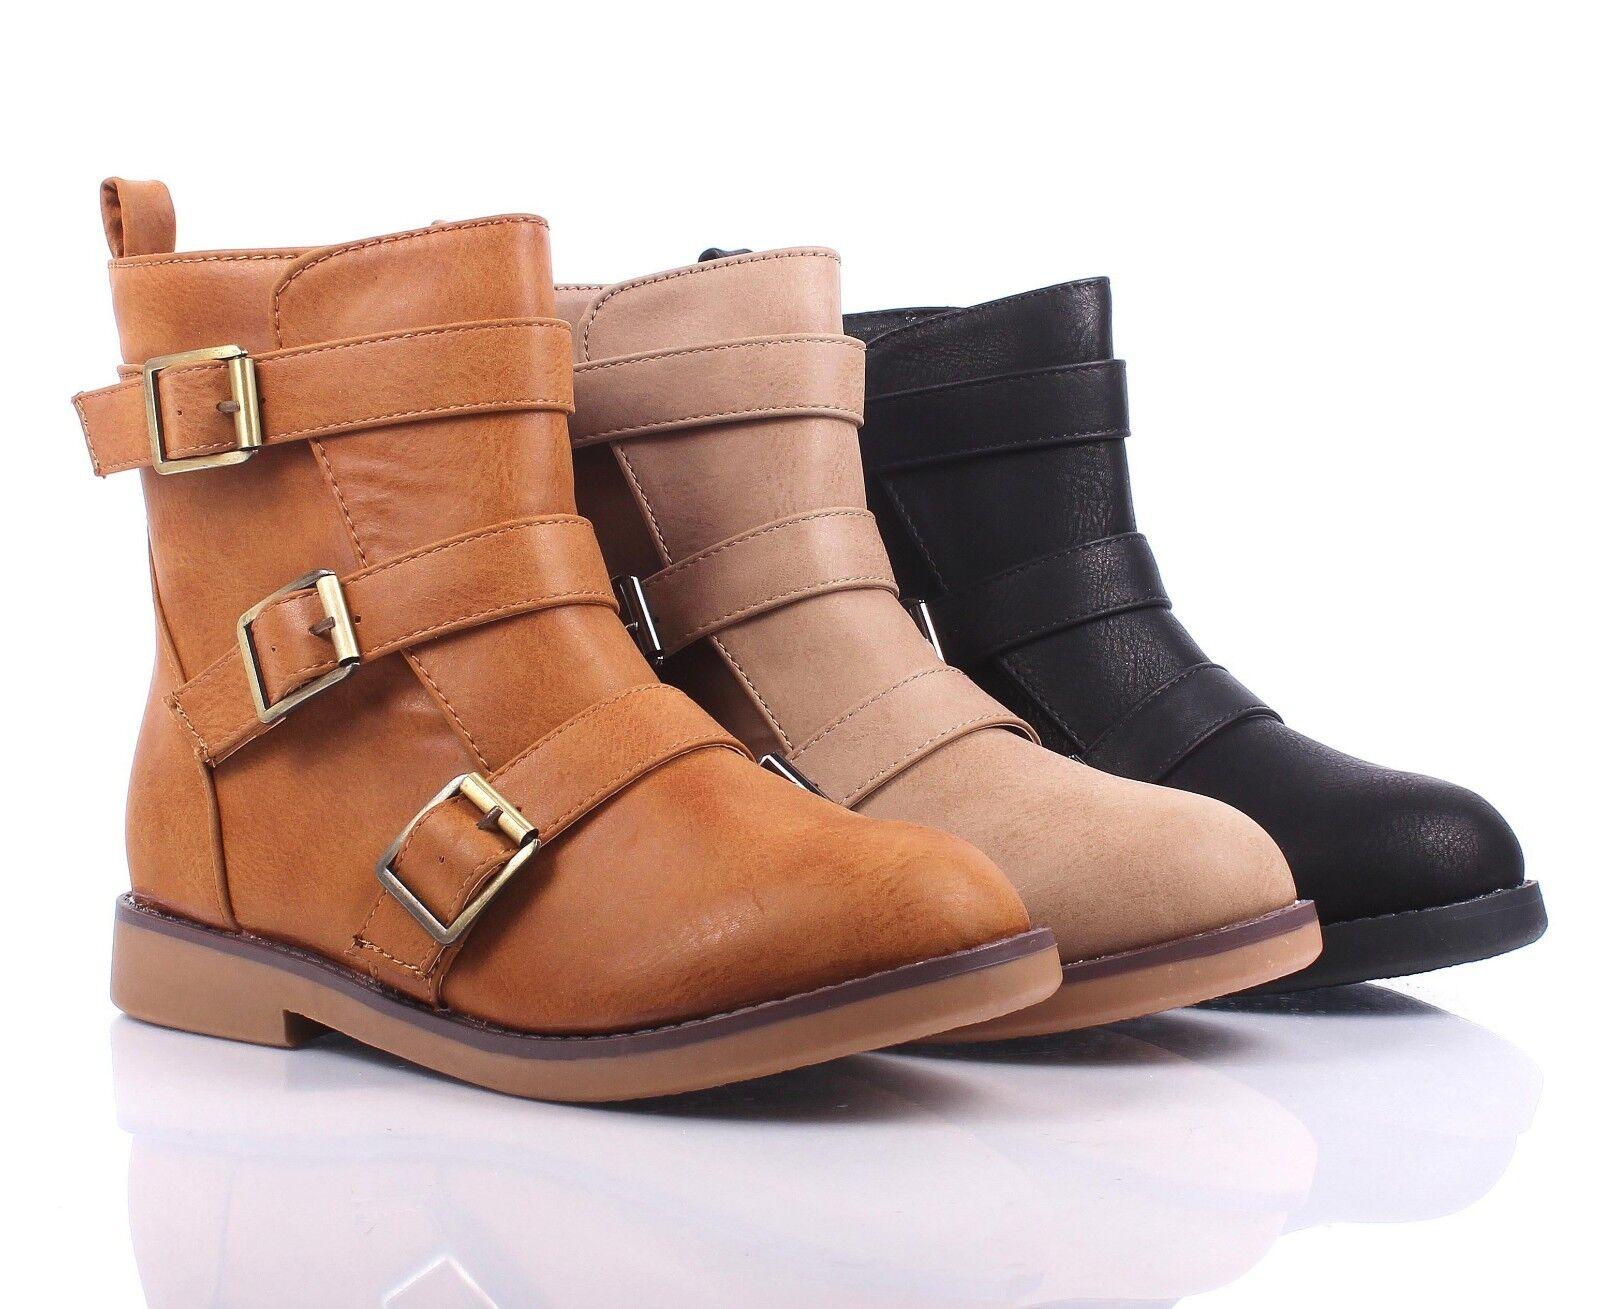 3 Color Combat Military Side Buckles Zipper Open Mid Calf Low Heels Women Boots